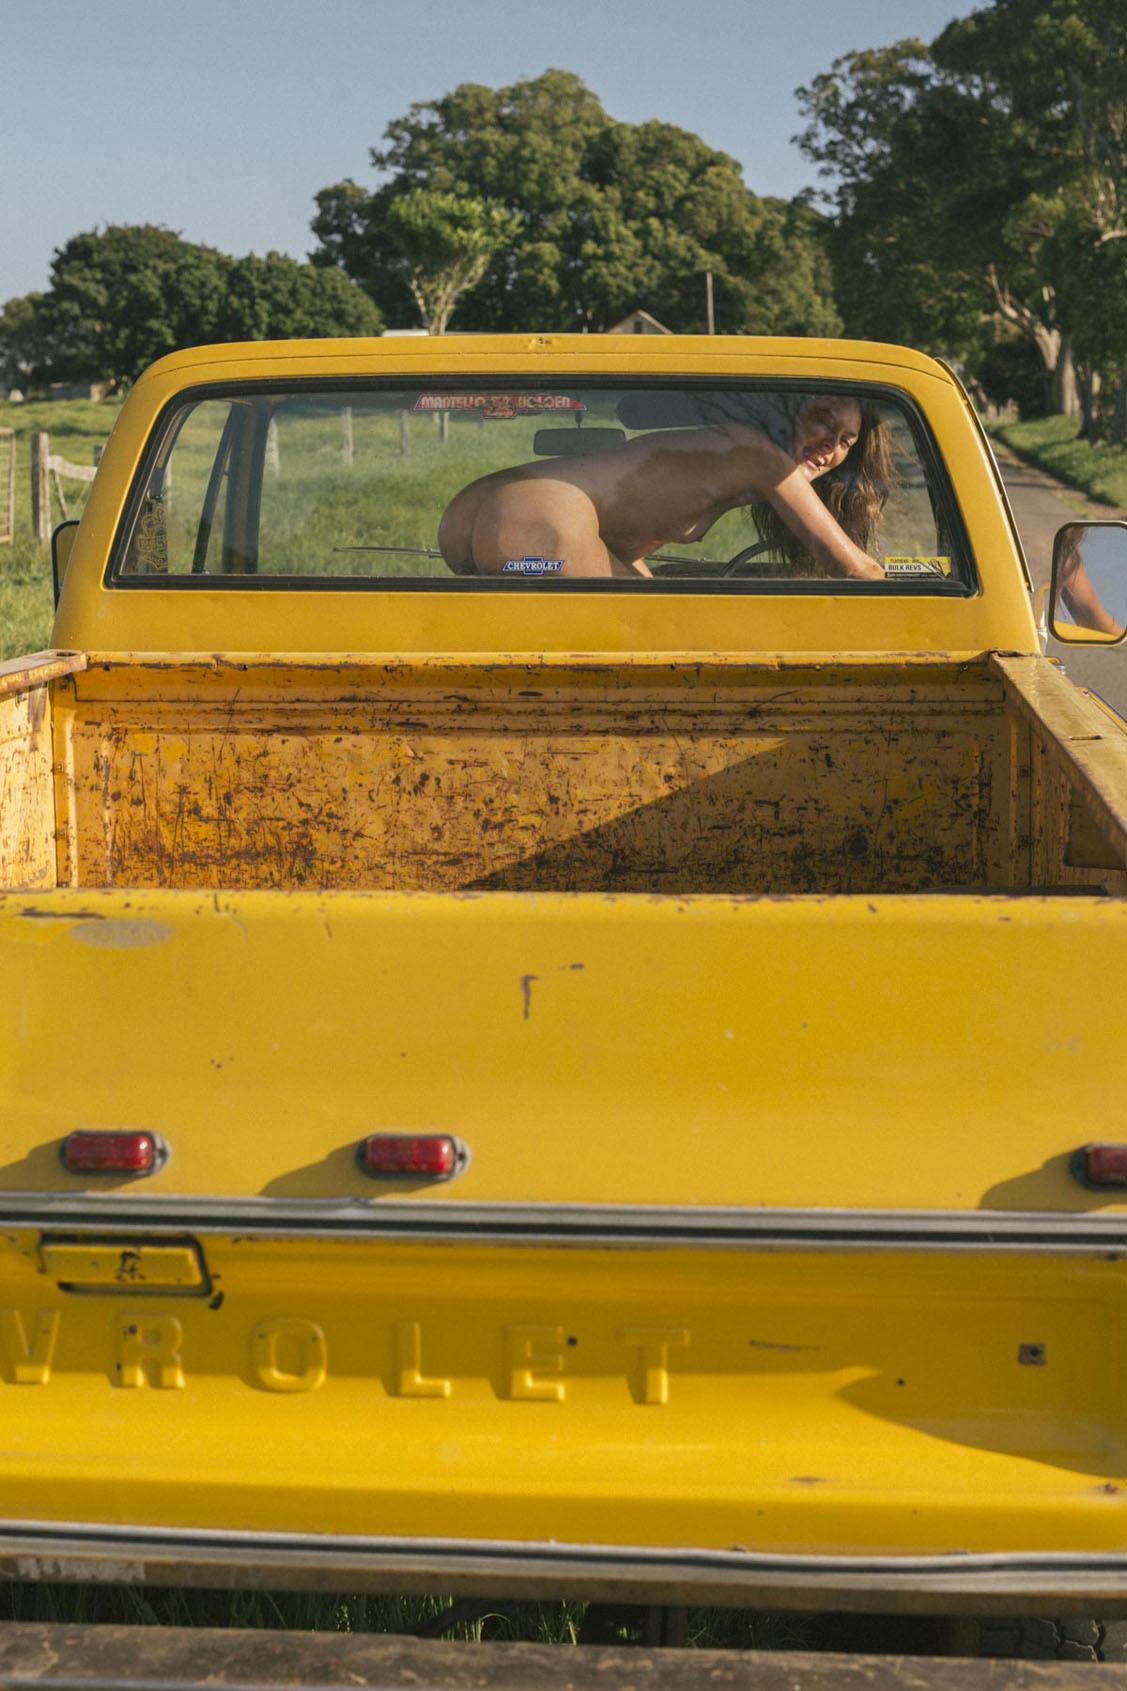 голая девушка в желтом грузовике на пустынной дороге / фото 08